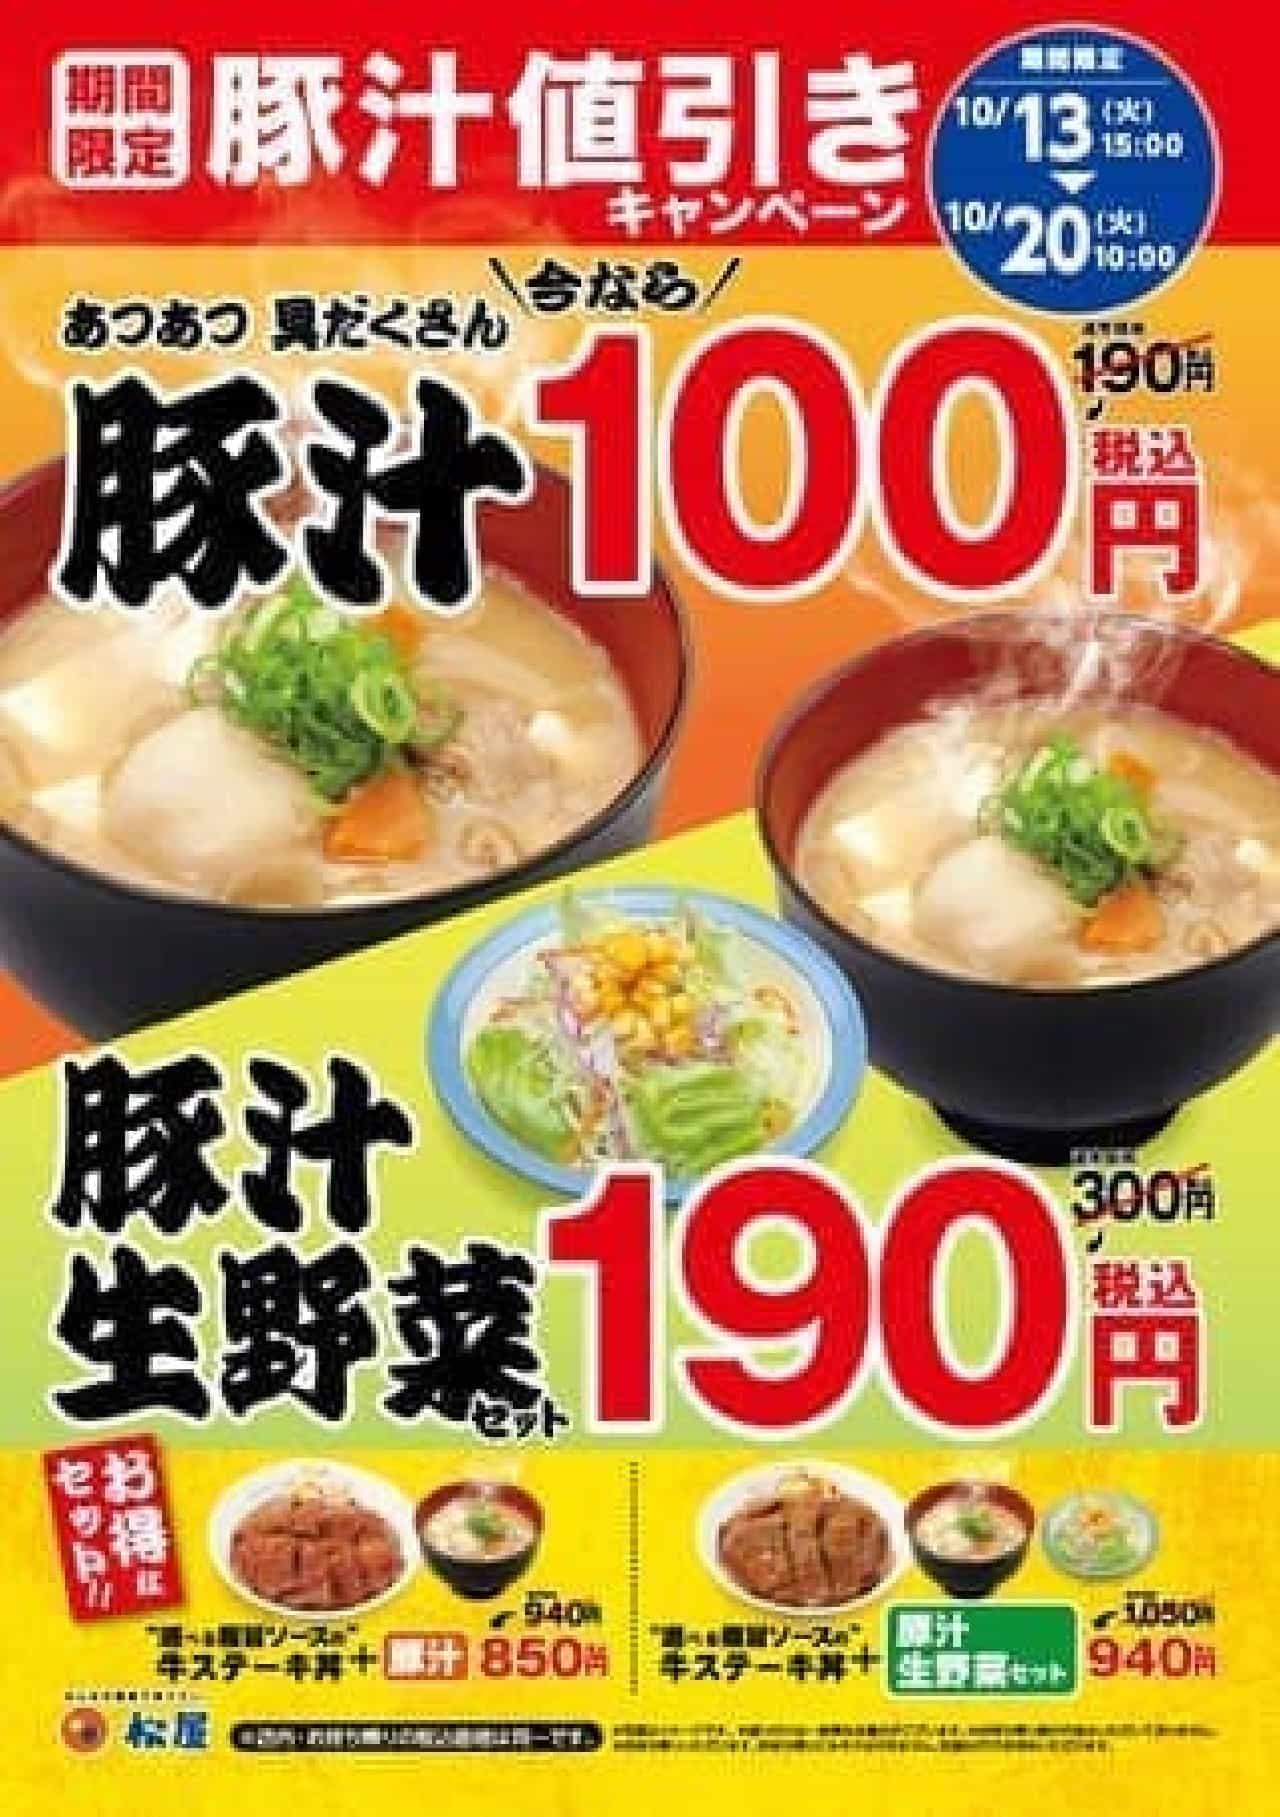 松屋で「豚汁100円フェア」